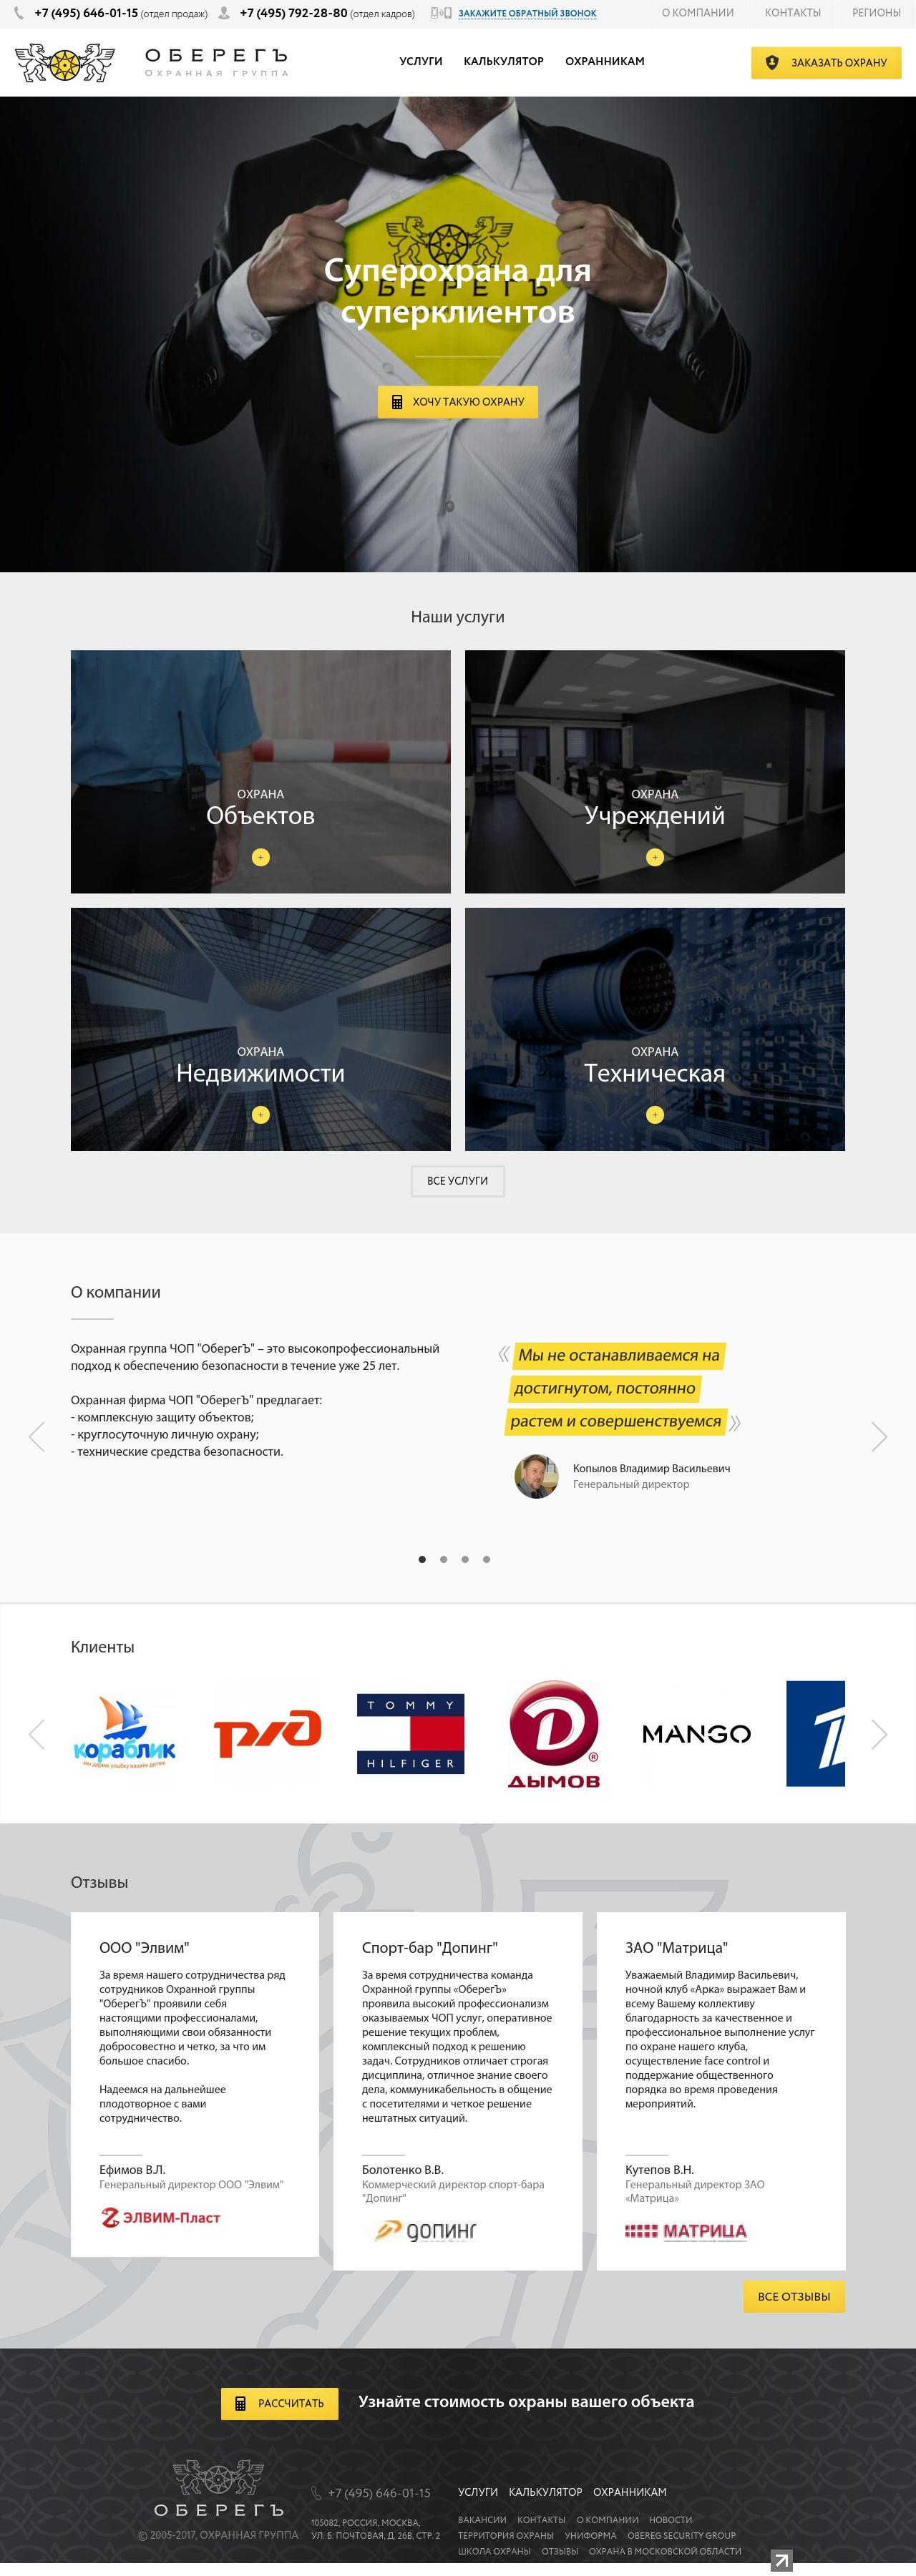 Правки сайта на Wordpress